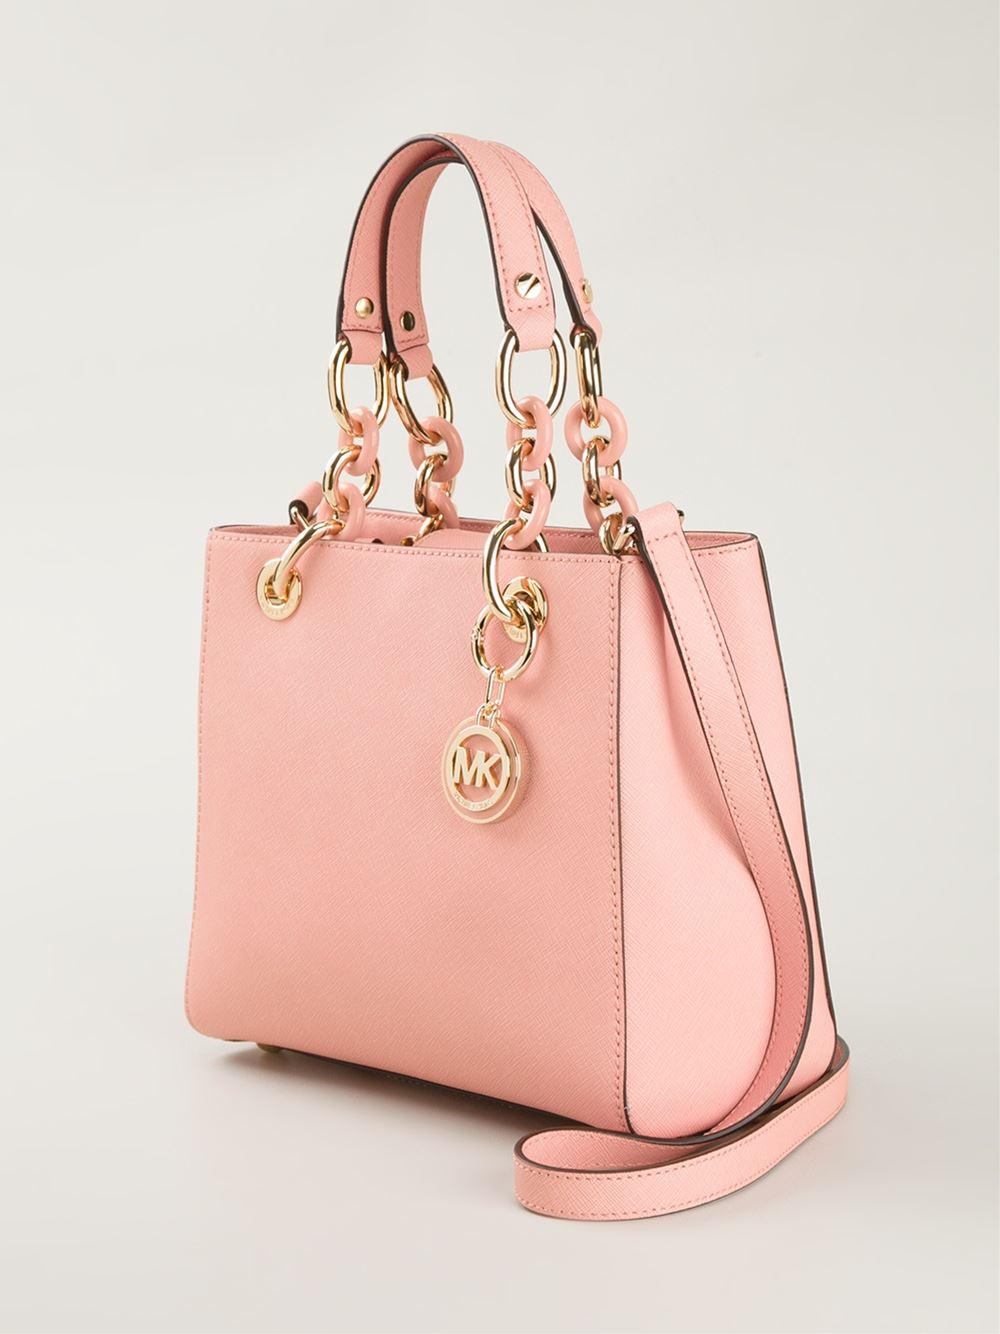 a0a877c91ff7 ebay small pink michael kors bag 387de d5ebf